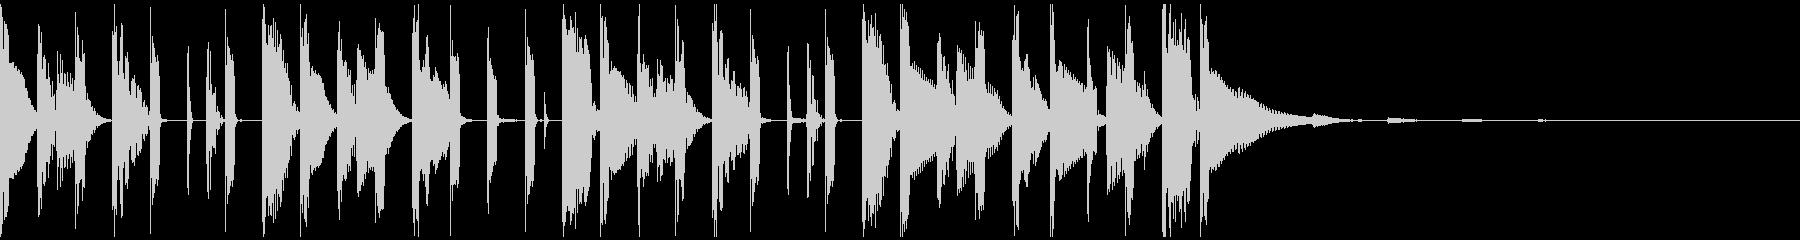 ファンキーなシンセベースによるジングルの未再生の波形